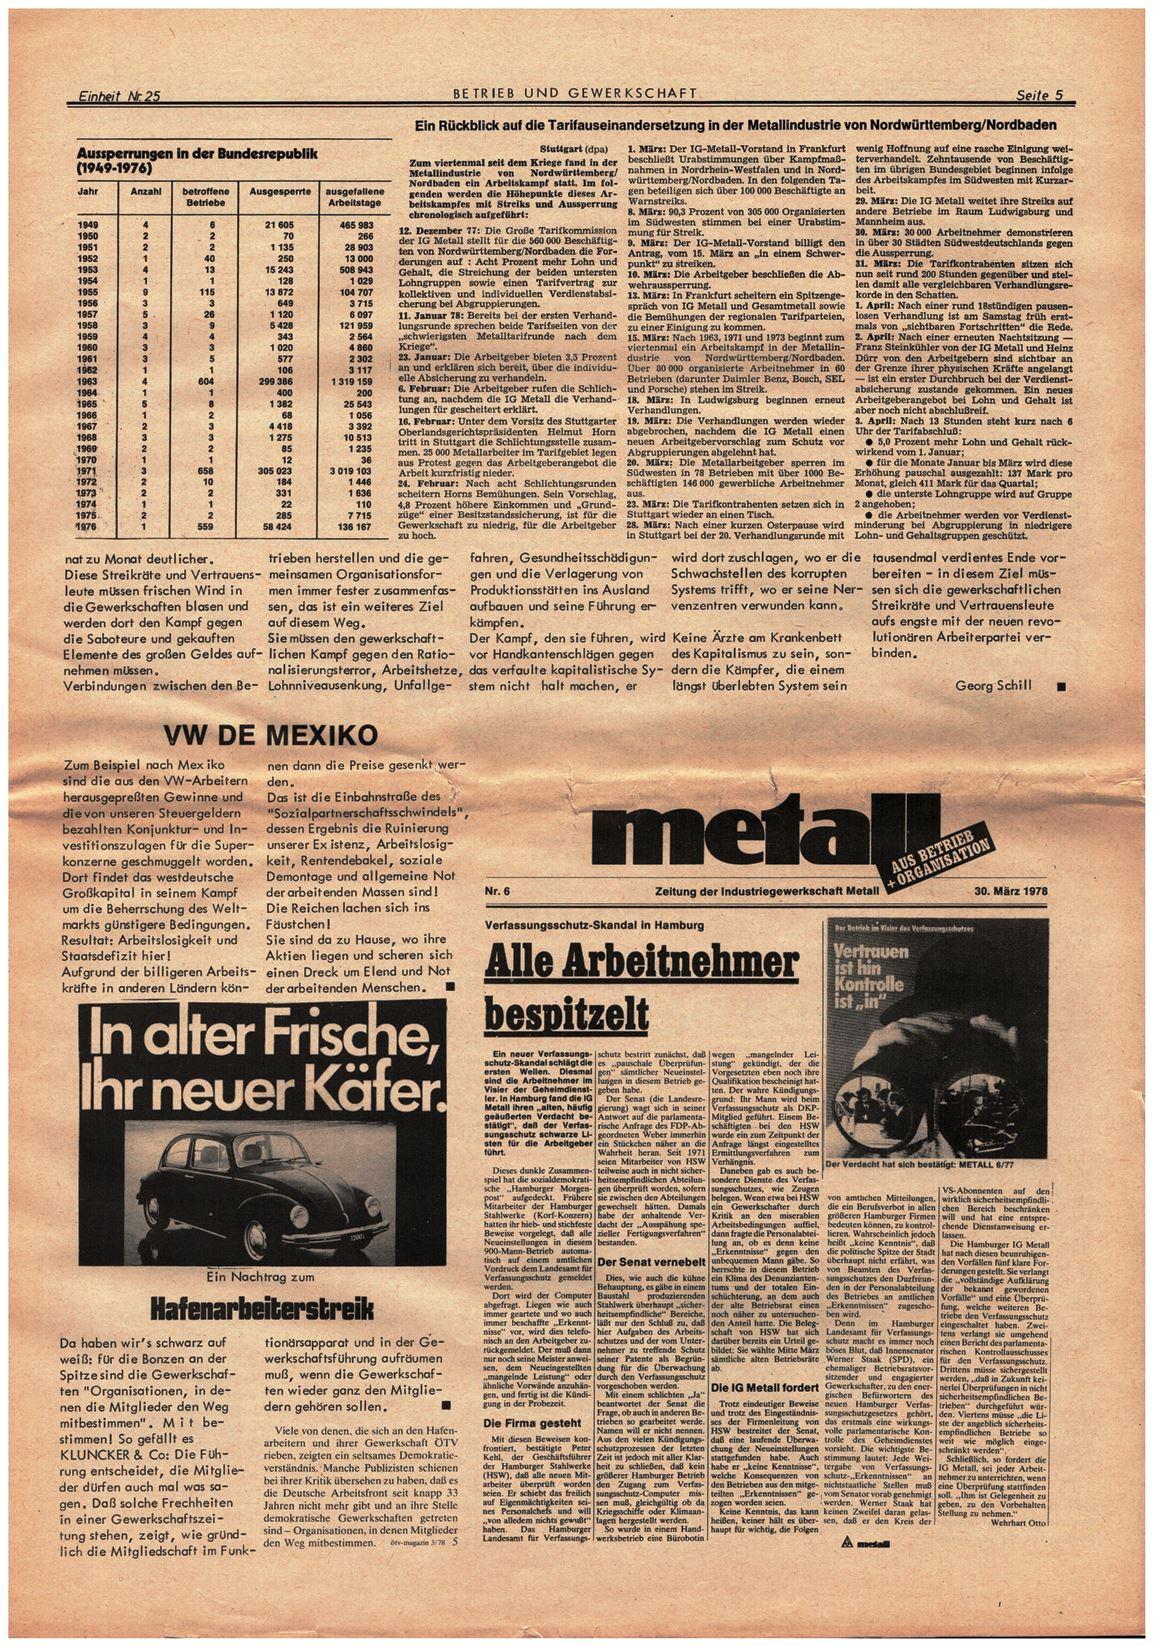 Koeln_IPdA_Einheit_1978_025_005